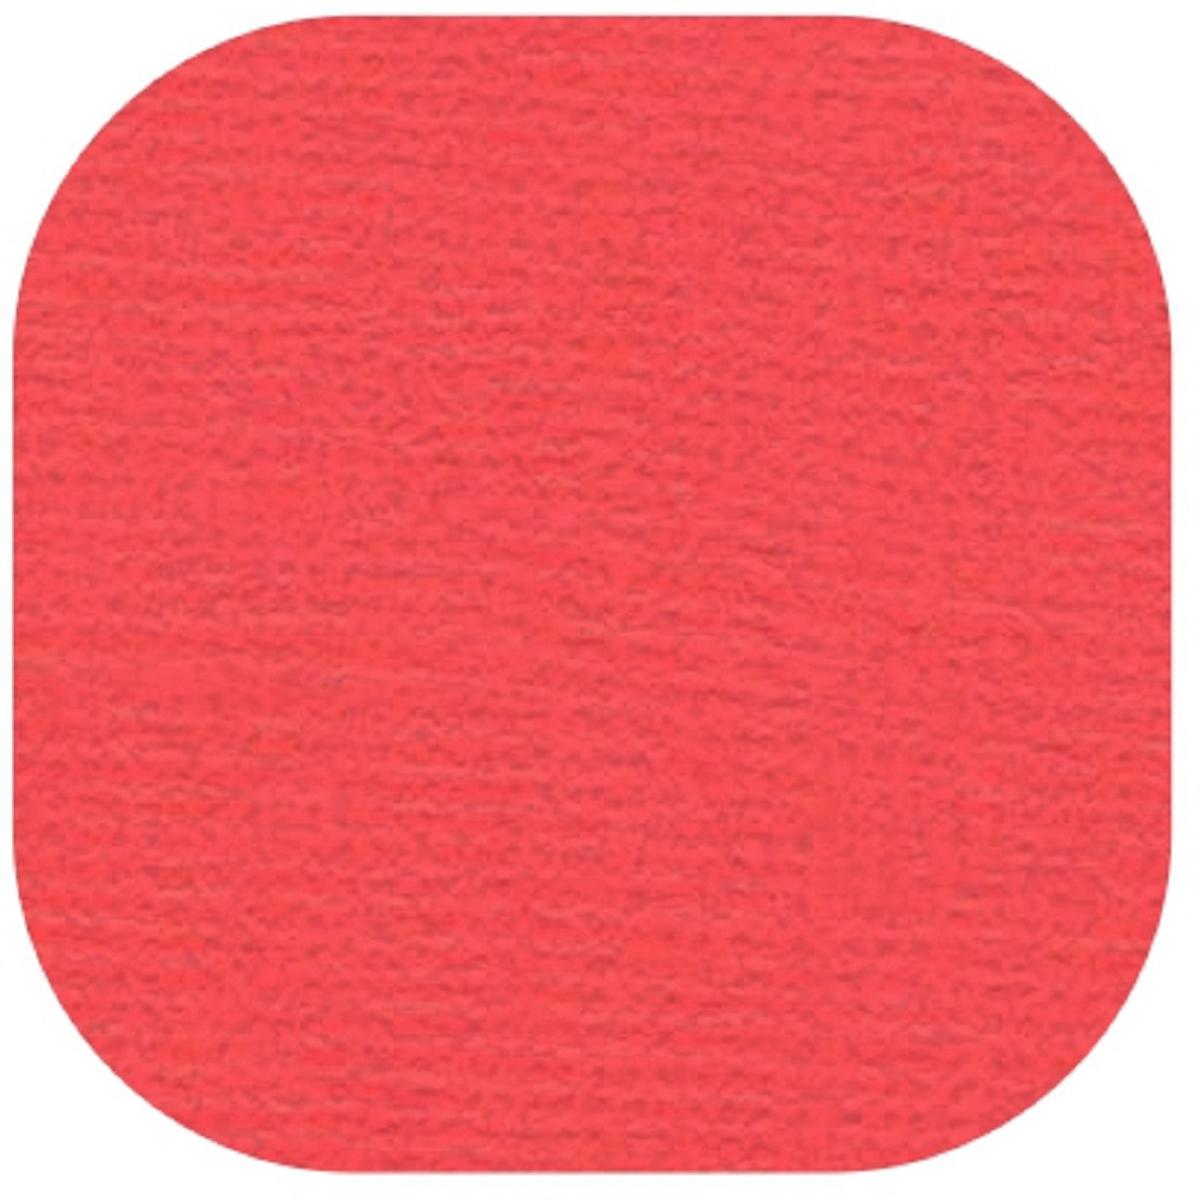 Бумага для скрапбукинга односторонняя. Набор текстурированной бумаги позволит создать красивый альбом, фоторамку или открытку ручной работы, оформить подарок или аппликацию. В наборе: 10 листов. Плотность: 235 г/м2.